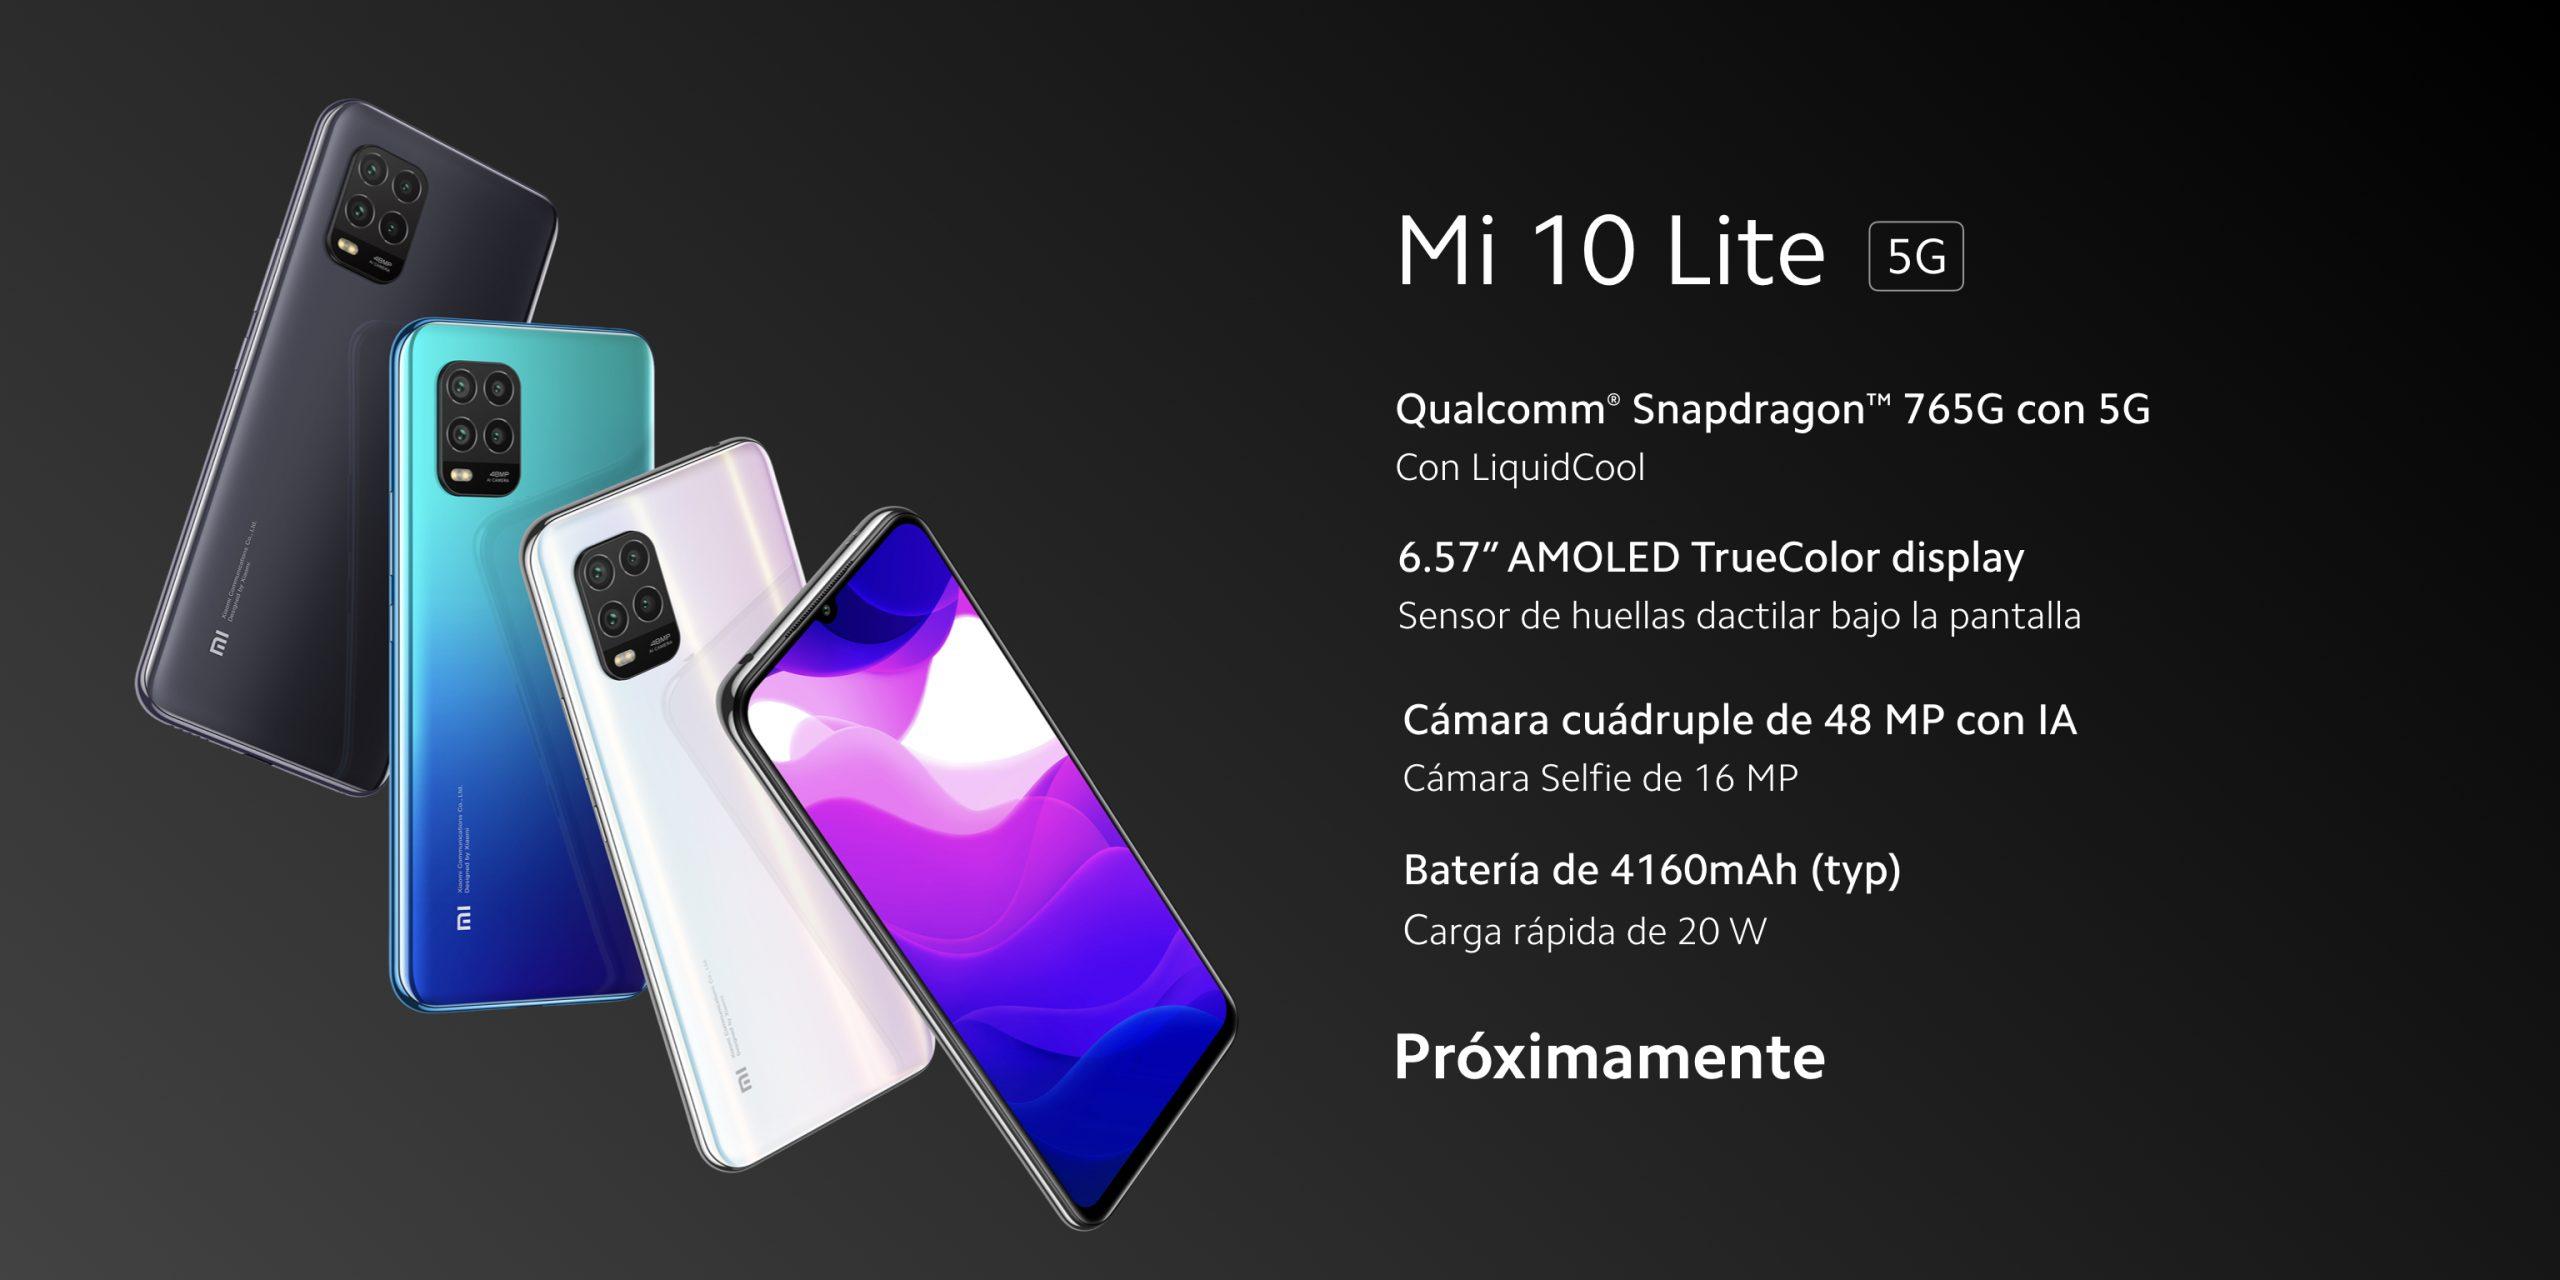 """Así es el nuevo Xiaomi Mi 10 Lite 5G: Snapdragon 765G, AMOLED de 6.57"""" y batería de 4.160mAh. Noticias Xiaomi Adictos"""